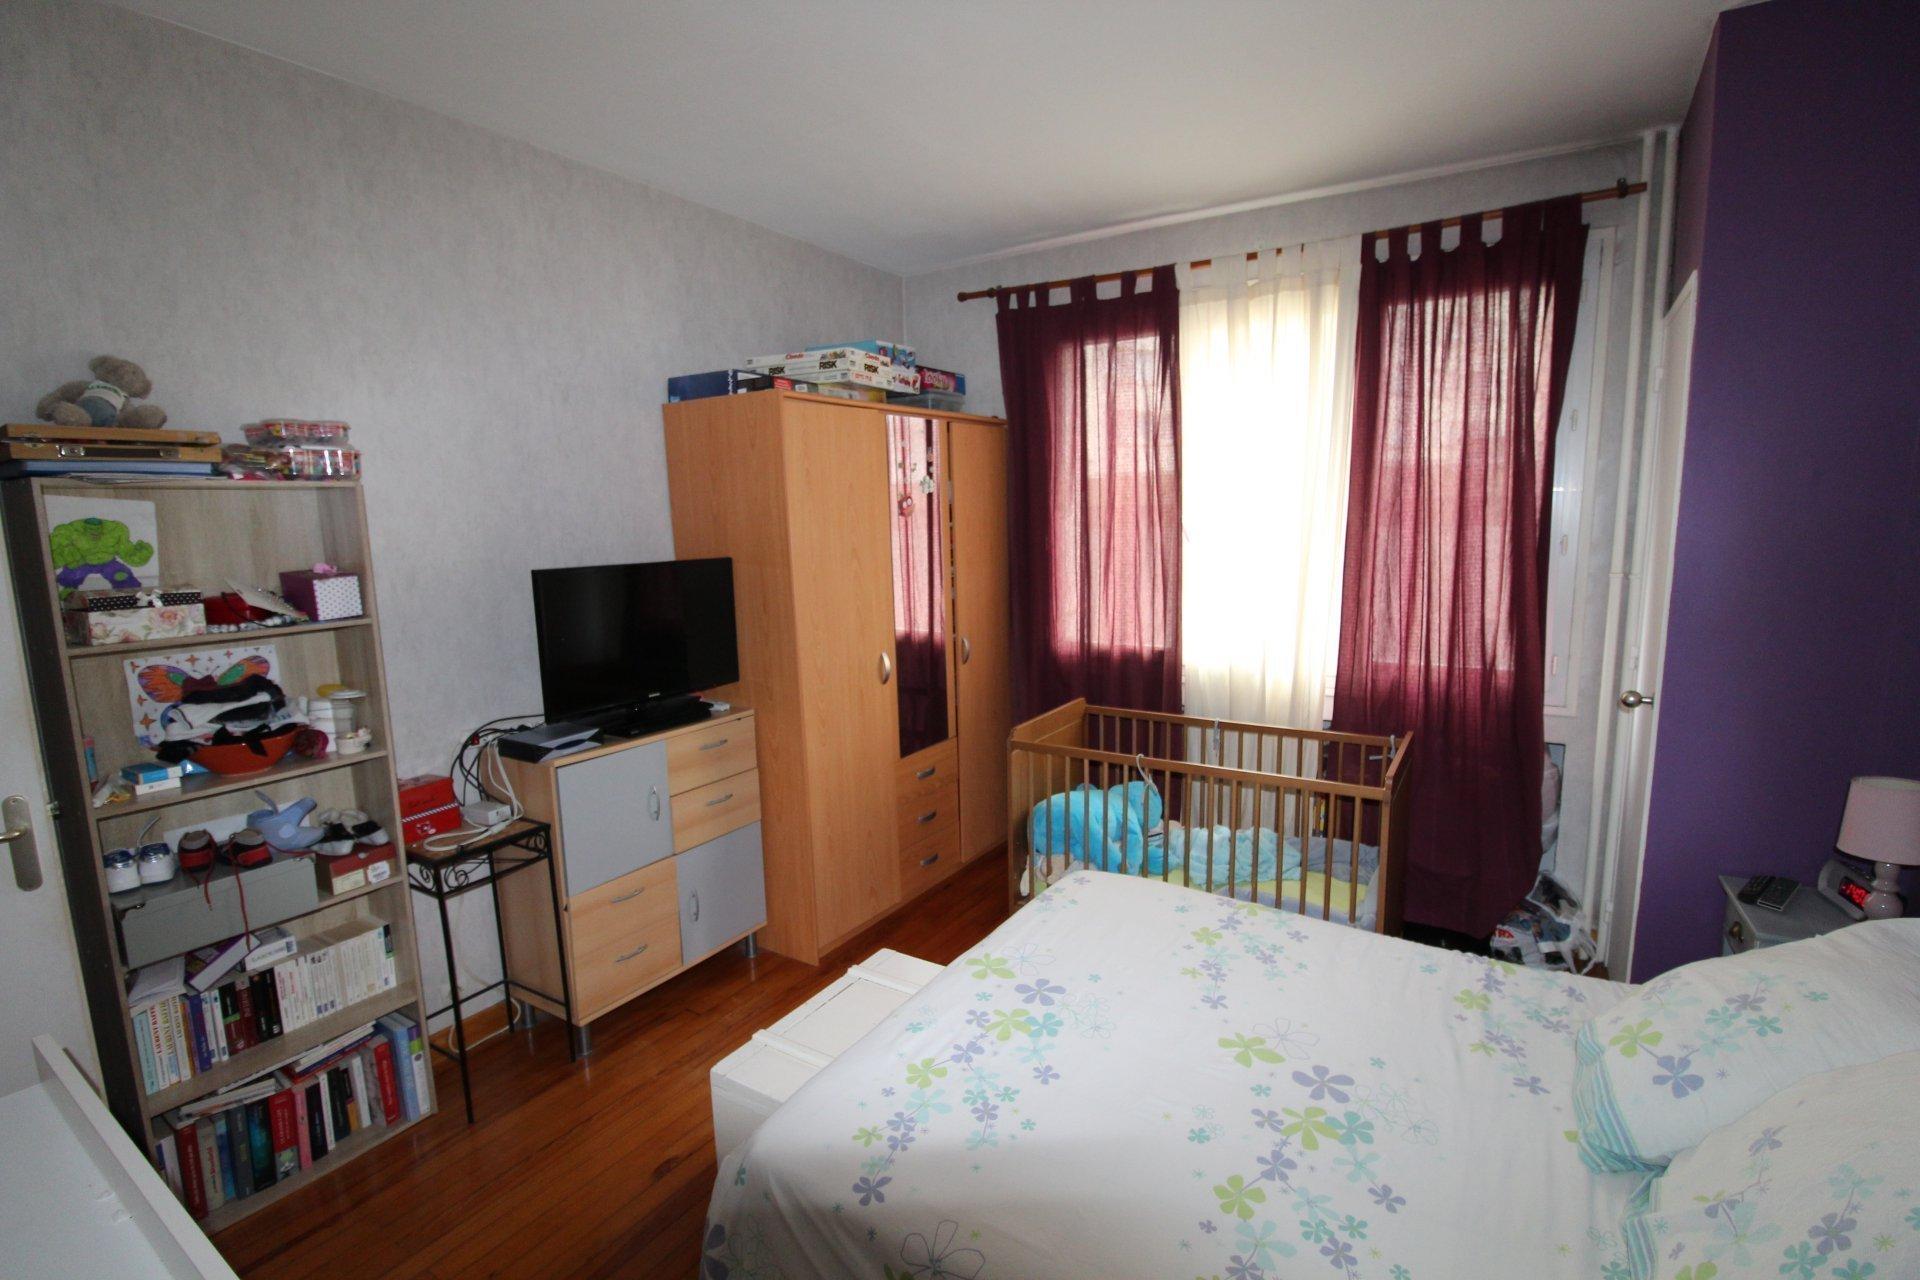 Appartement Saint Etienne 4 pièces 104 m2 avec garage